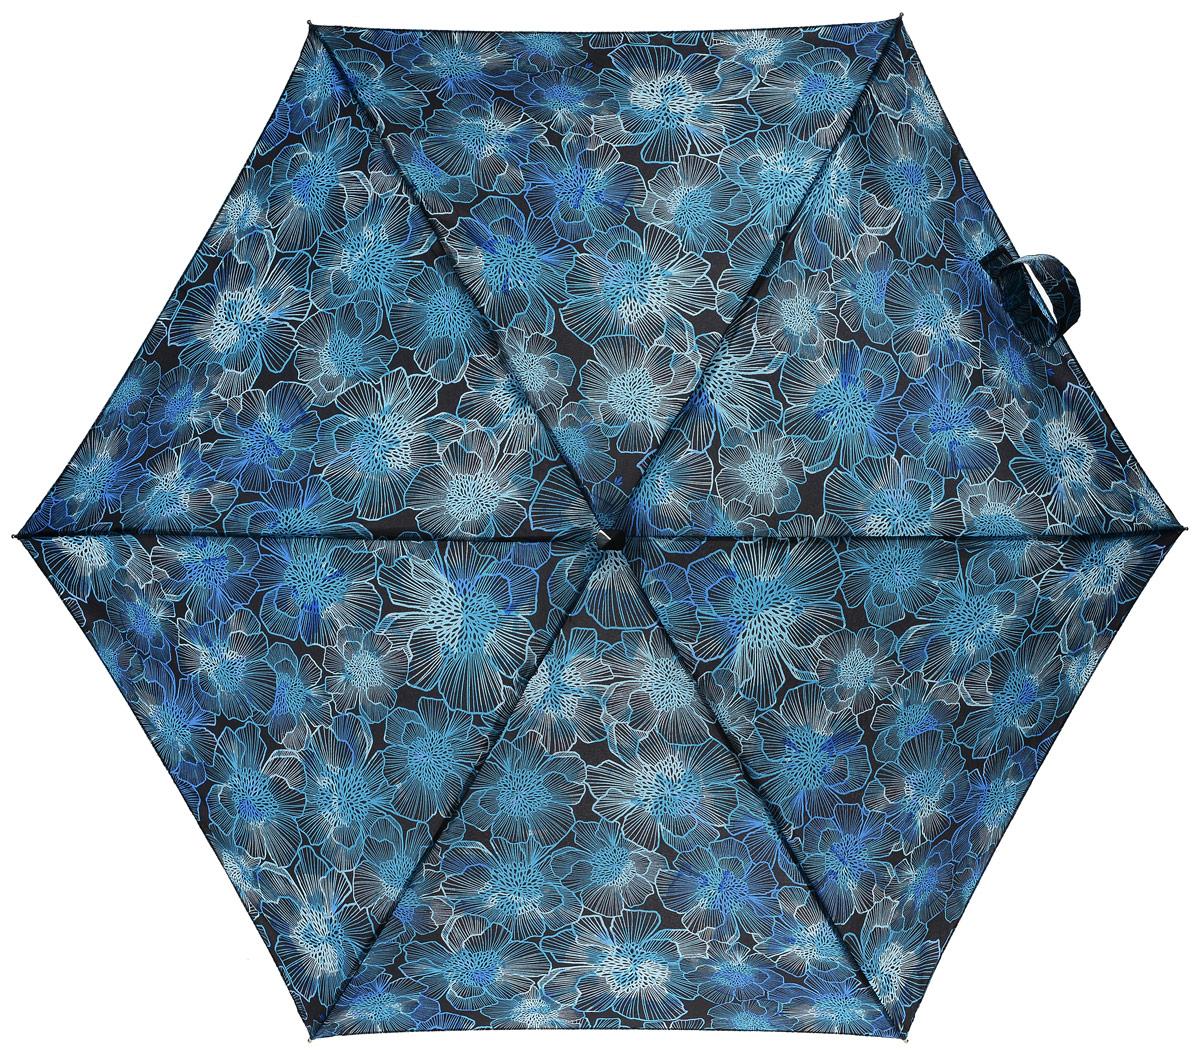 Зонт женский Fulton, механический, 5 сложений, цвет: черный, голубой. L501-3024REM12-CAM-GREENBLACKКомпактный женский зонт Fulton выполнен из металла, пластика и оформлен принтом с цветами. Каркас зонта выполнен из шести спиц на прочном стержне. Купол зонта изготовлен прочного полиэстера. Закрытый купол застегивается на хлястик с липучкой. Практичная рукоятка закругленной формы разработана с учетом требований эргономики и выполнена из натурального дерева.Зонт складывается и раскладывается механическим способом.Зонт дополнен легким плоским чехлом. Такая модель не только надежно защитит от дождя, но и станет стильным аксессуаром.